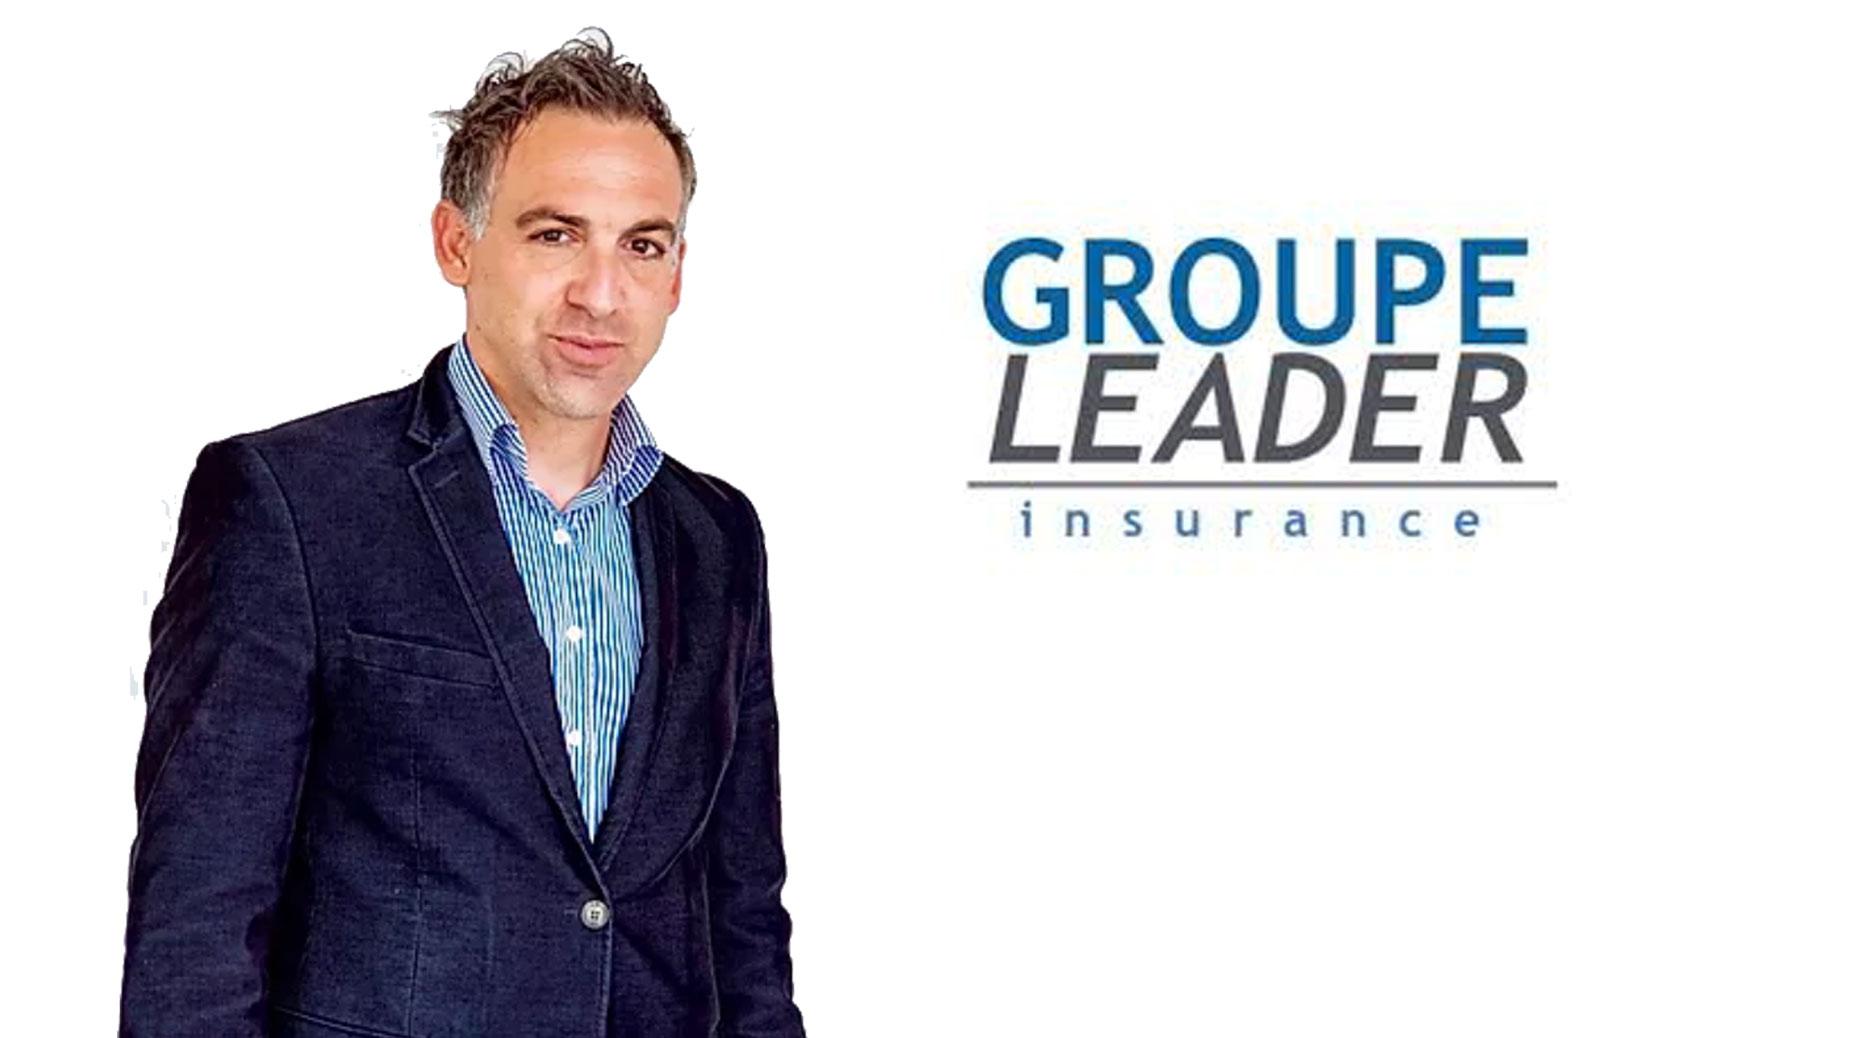 Risques d'entreprises : Leader Insurance crée une filiale avec un mutualiste